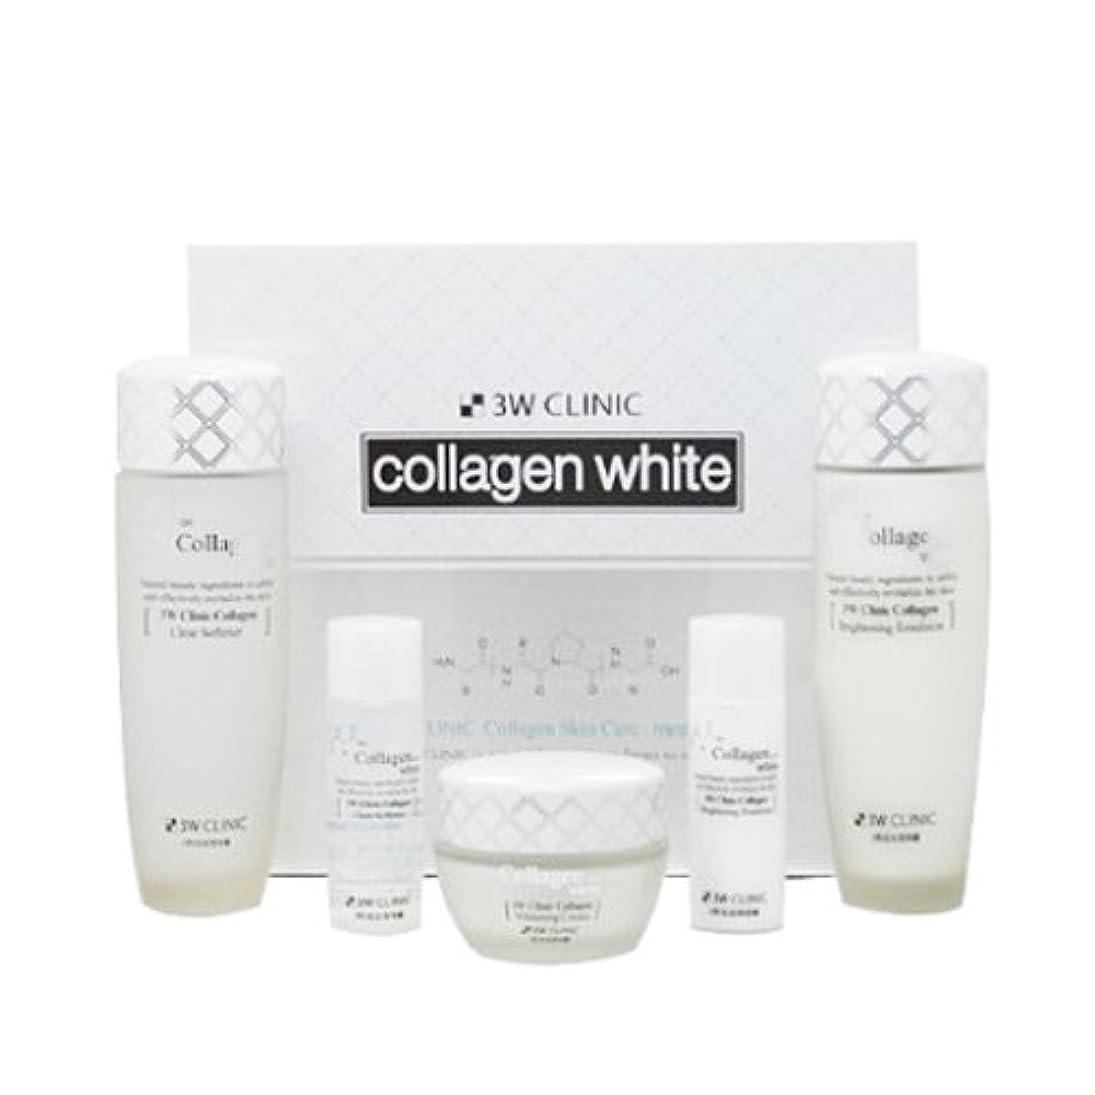 移民ヘアメロディー3Wクリニック[韓国コスメ3w Clinic]Collagen White Skin Care コラーゲンホワイトスキンケア3セット樹液,乳液,クリーム [並行輸入品]